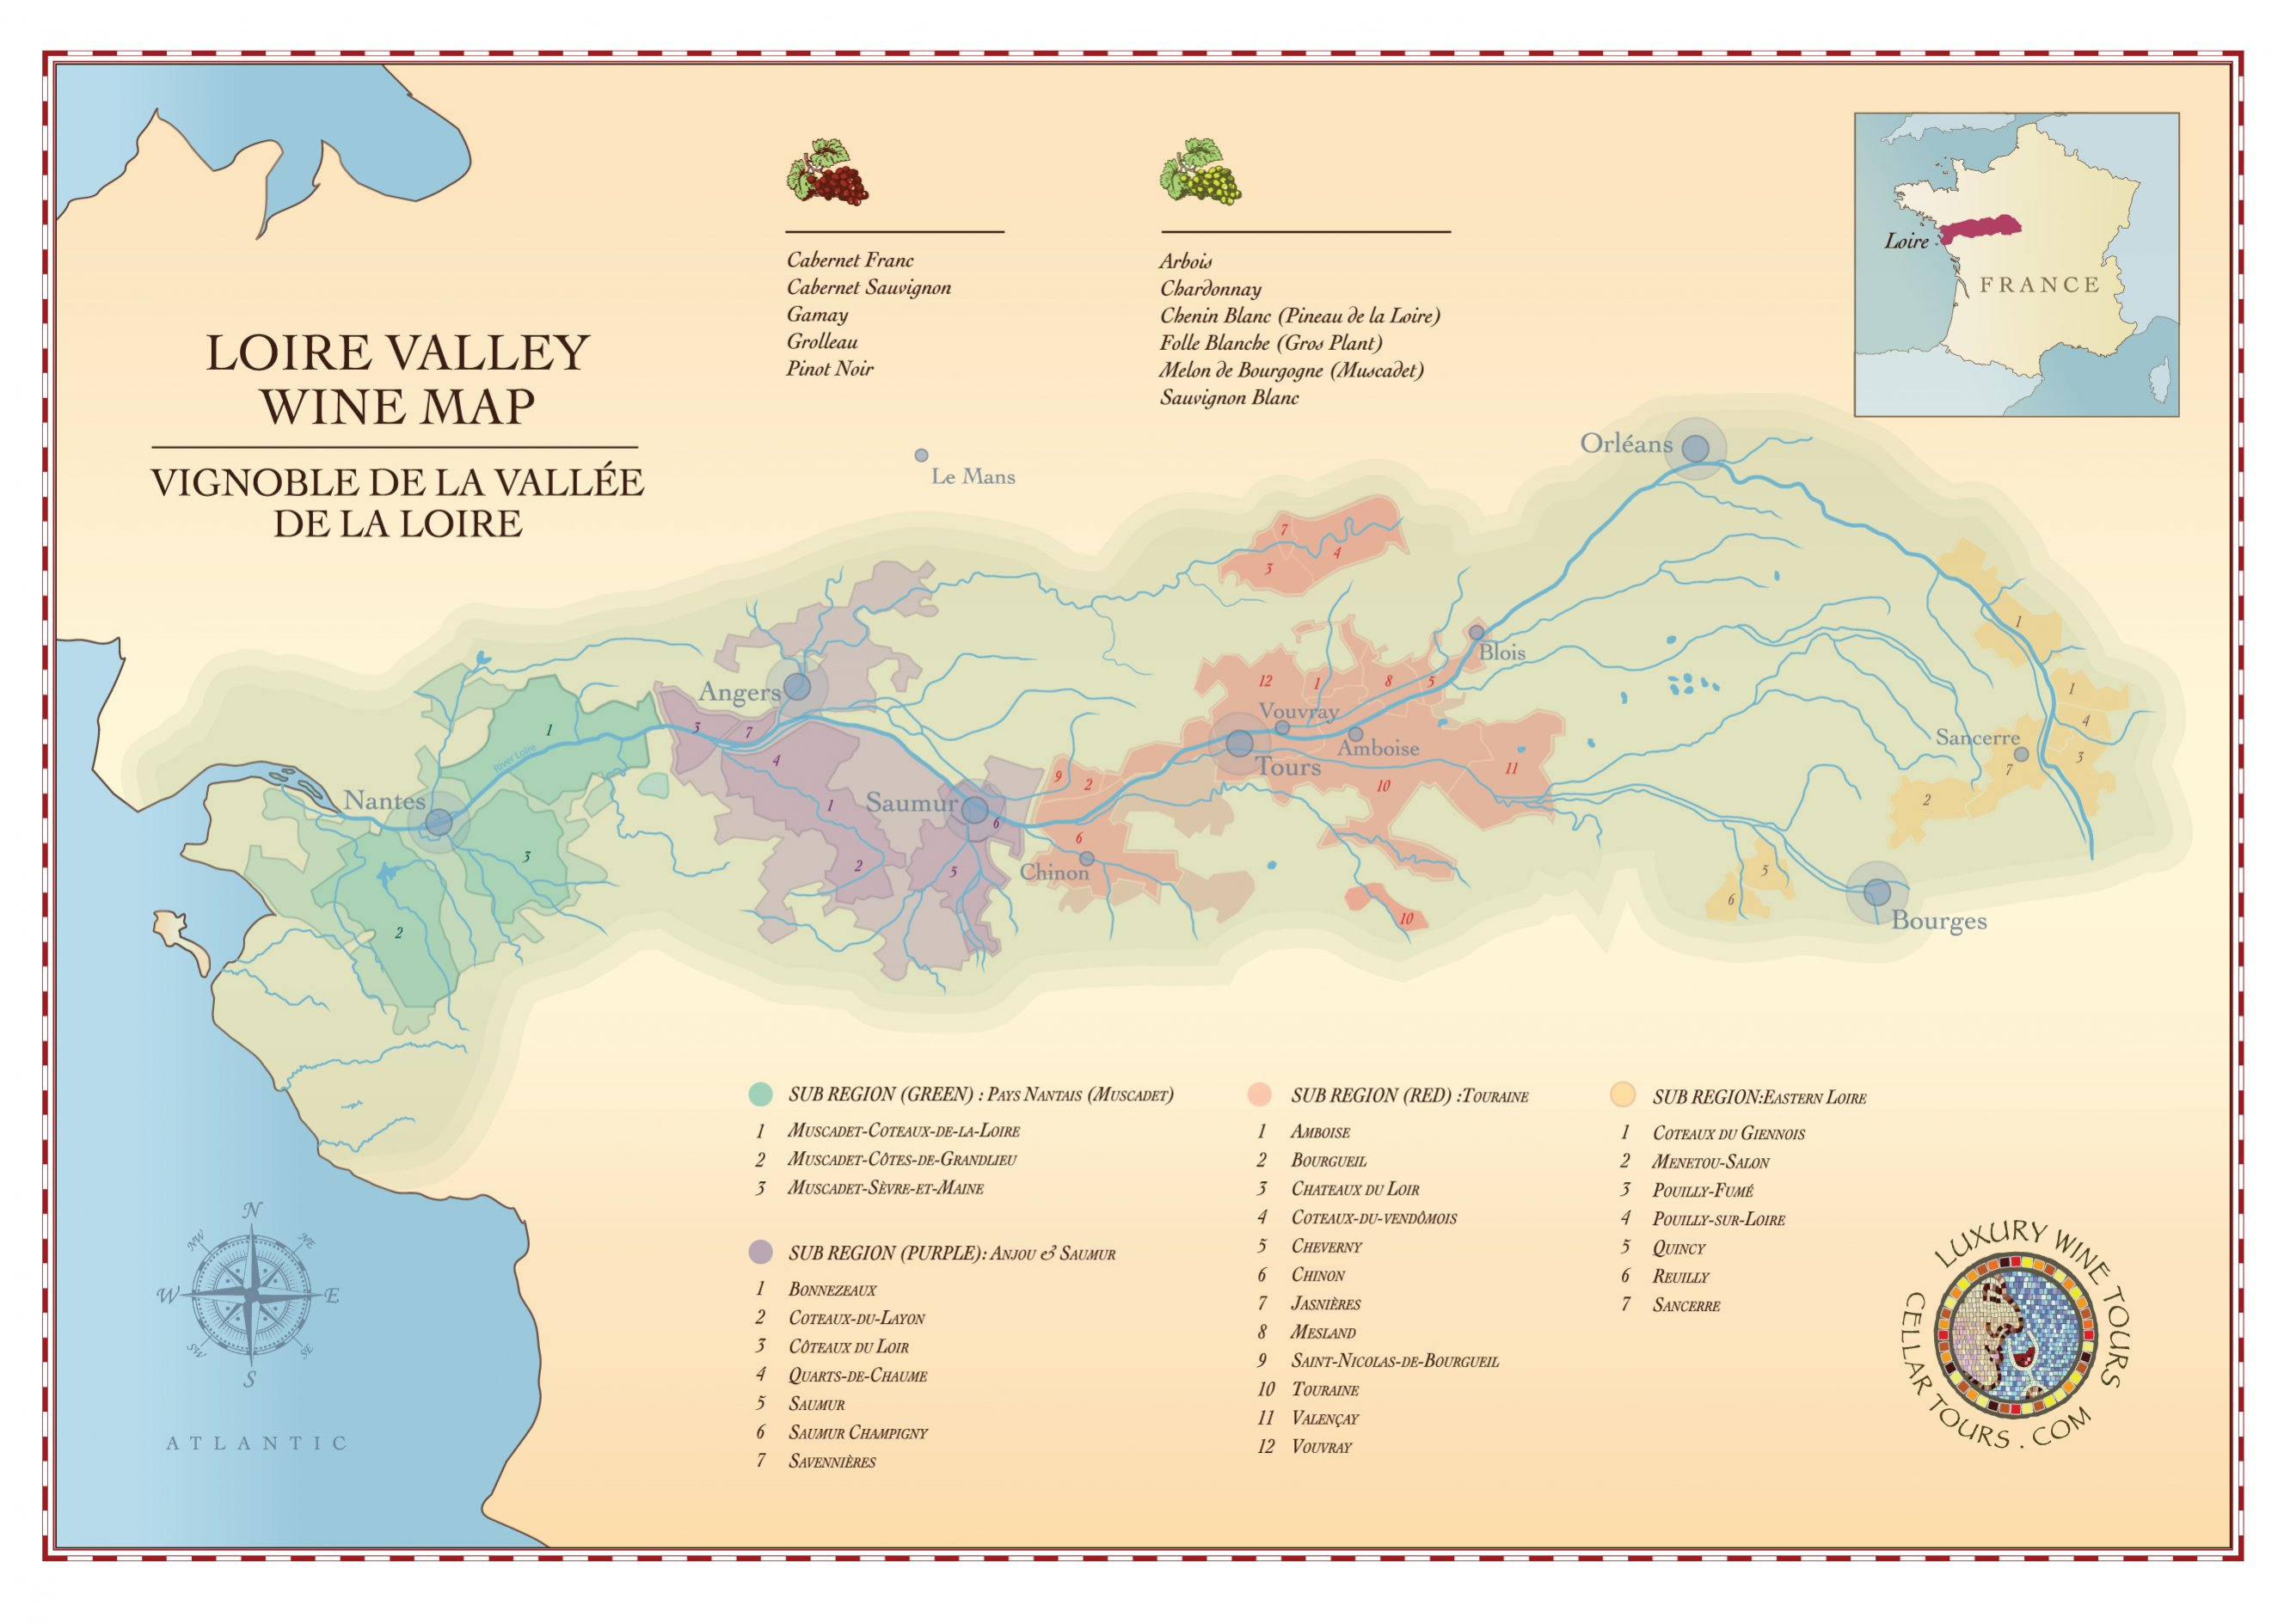 Mapa de la región del vino del Loira